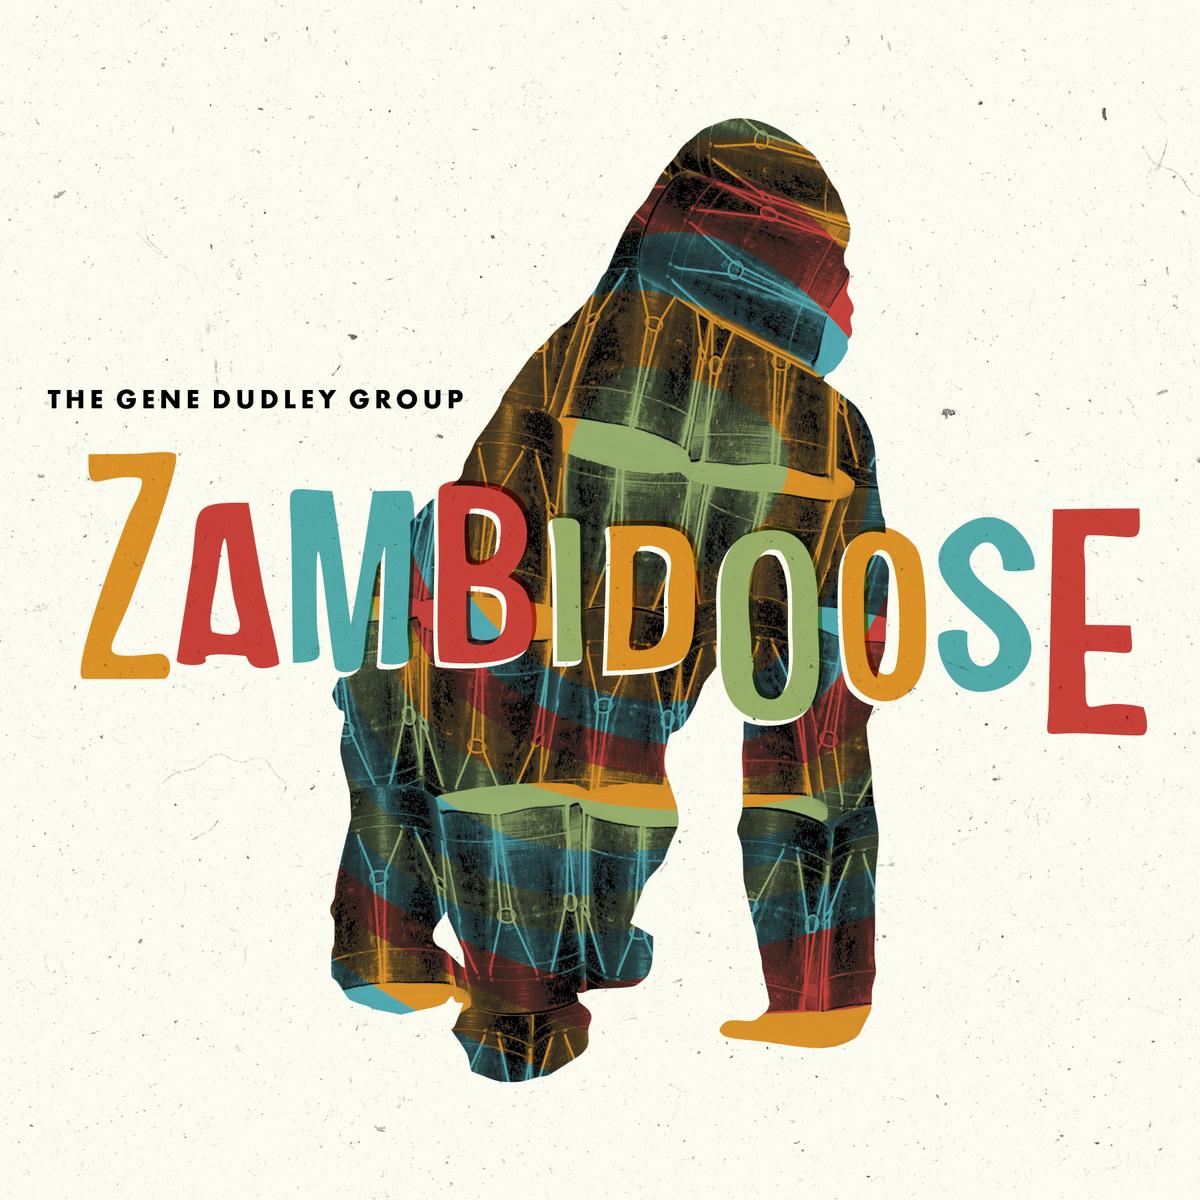 THE GENE DUDLEY GROUP - Zambidoose : LP